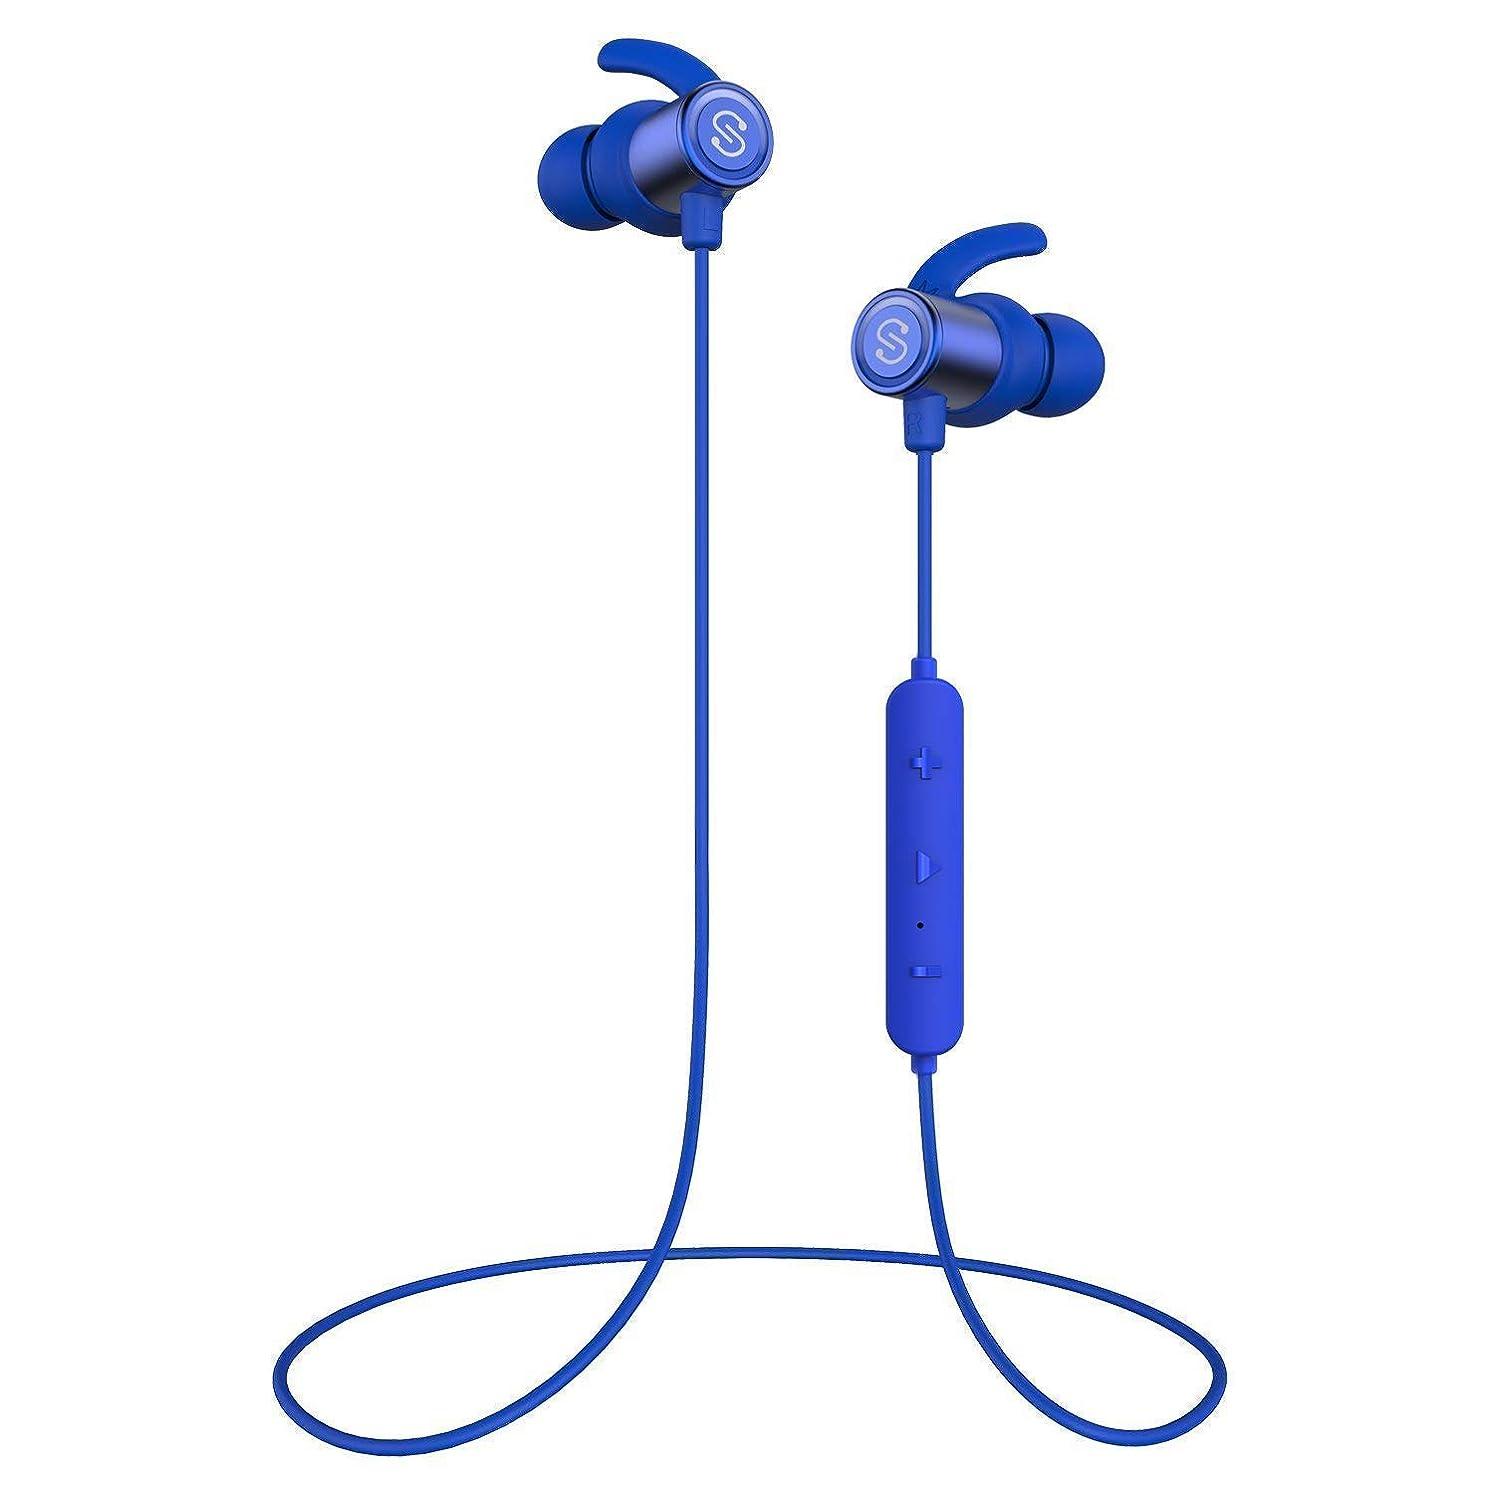 言語アライアンス調整【IPX7完全防水 防汗進化】SoundPEATS(サウンドピーツ) Q30Plus Bluetooth イヤホン 高音質 低音重視 8時間連続再生 apt-Xコーデック採用 人間工学設計 マグネット搭載 CVC6.0ノイズキャンセリング マイク付き ハンズフリー通話 ブルートゥース イヤホン ワイヤレス イヤホン Bluetooth ヘッドホン[メーカー1年保証] ブルー